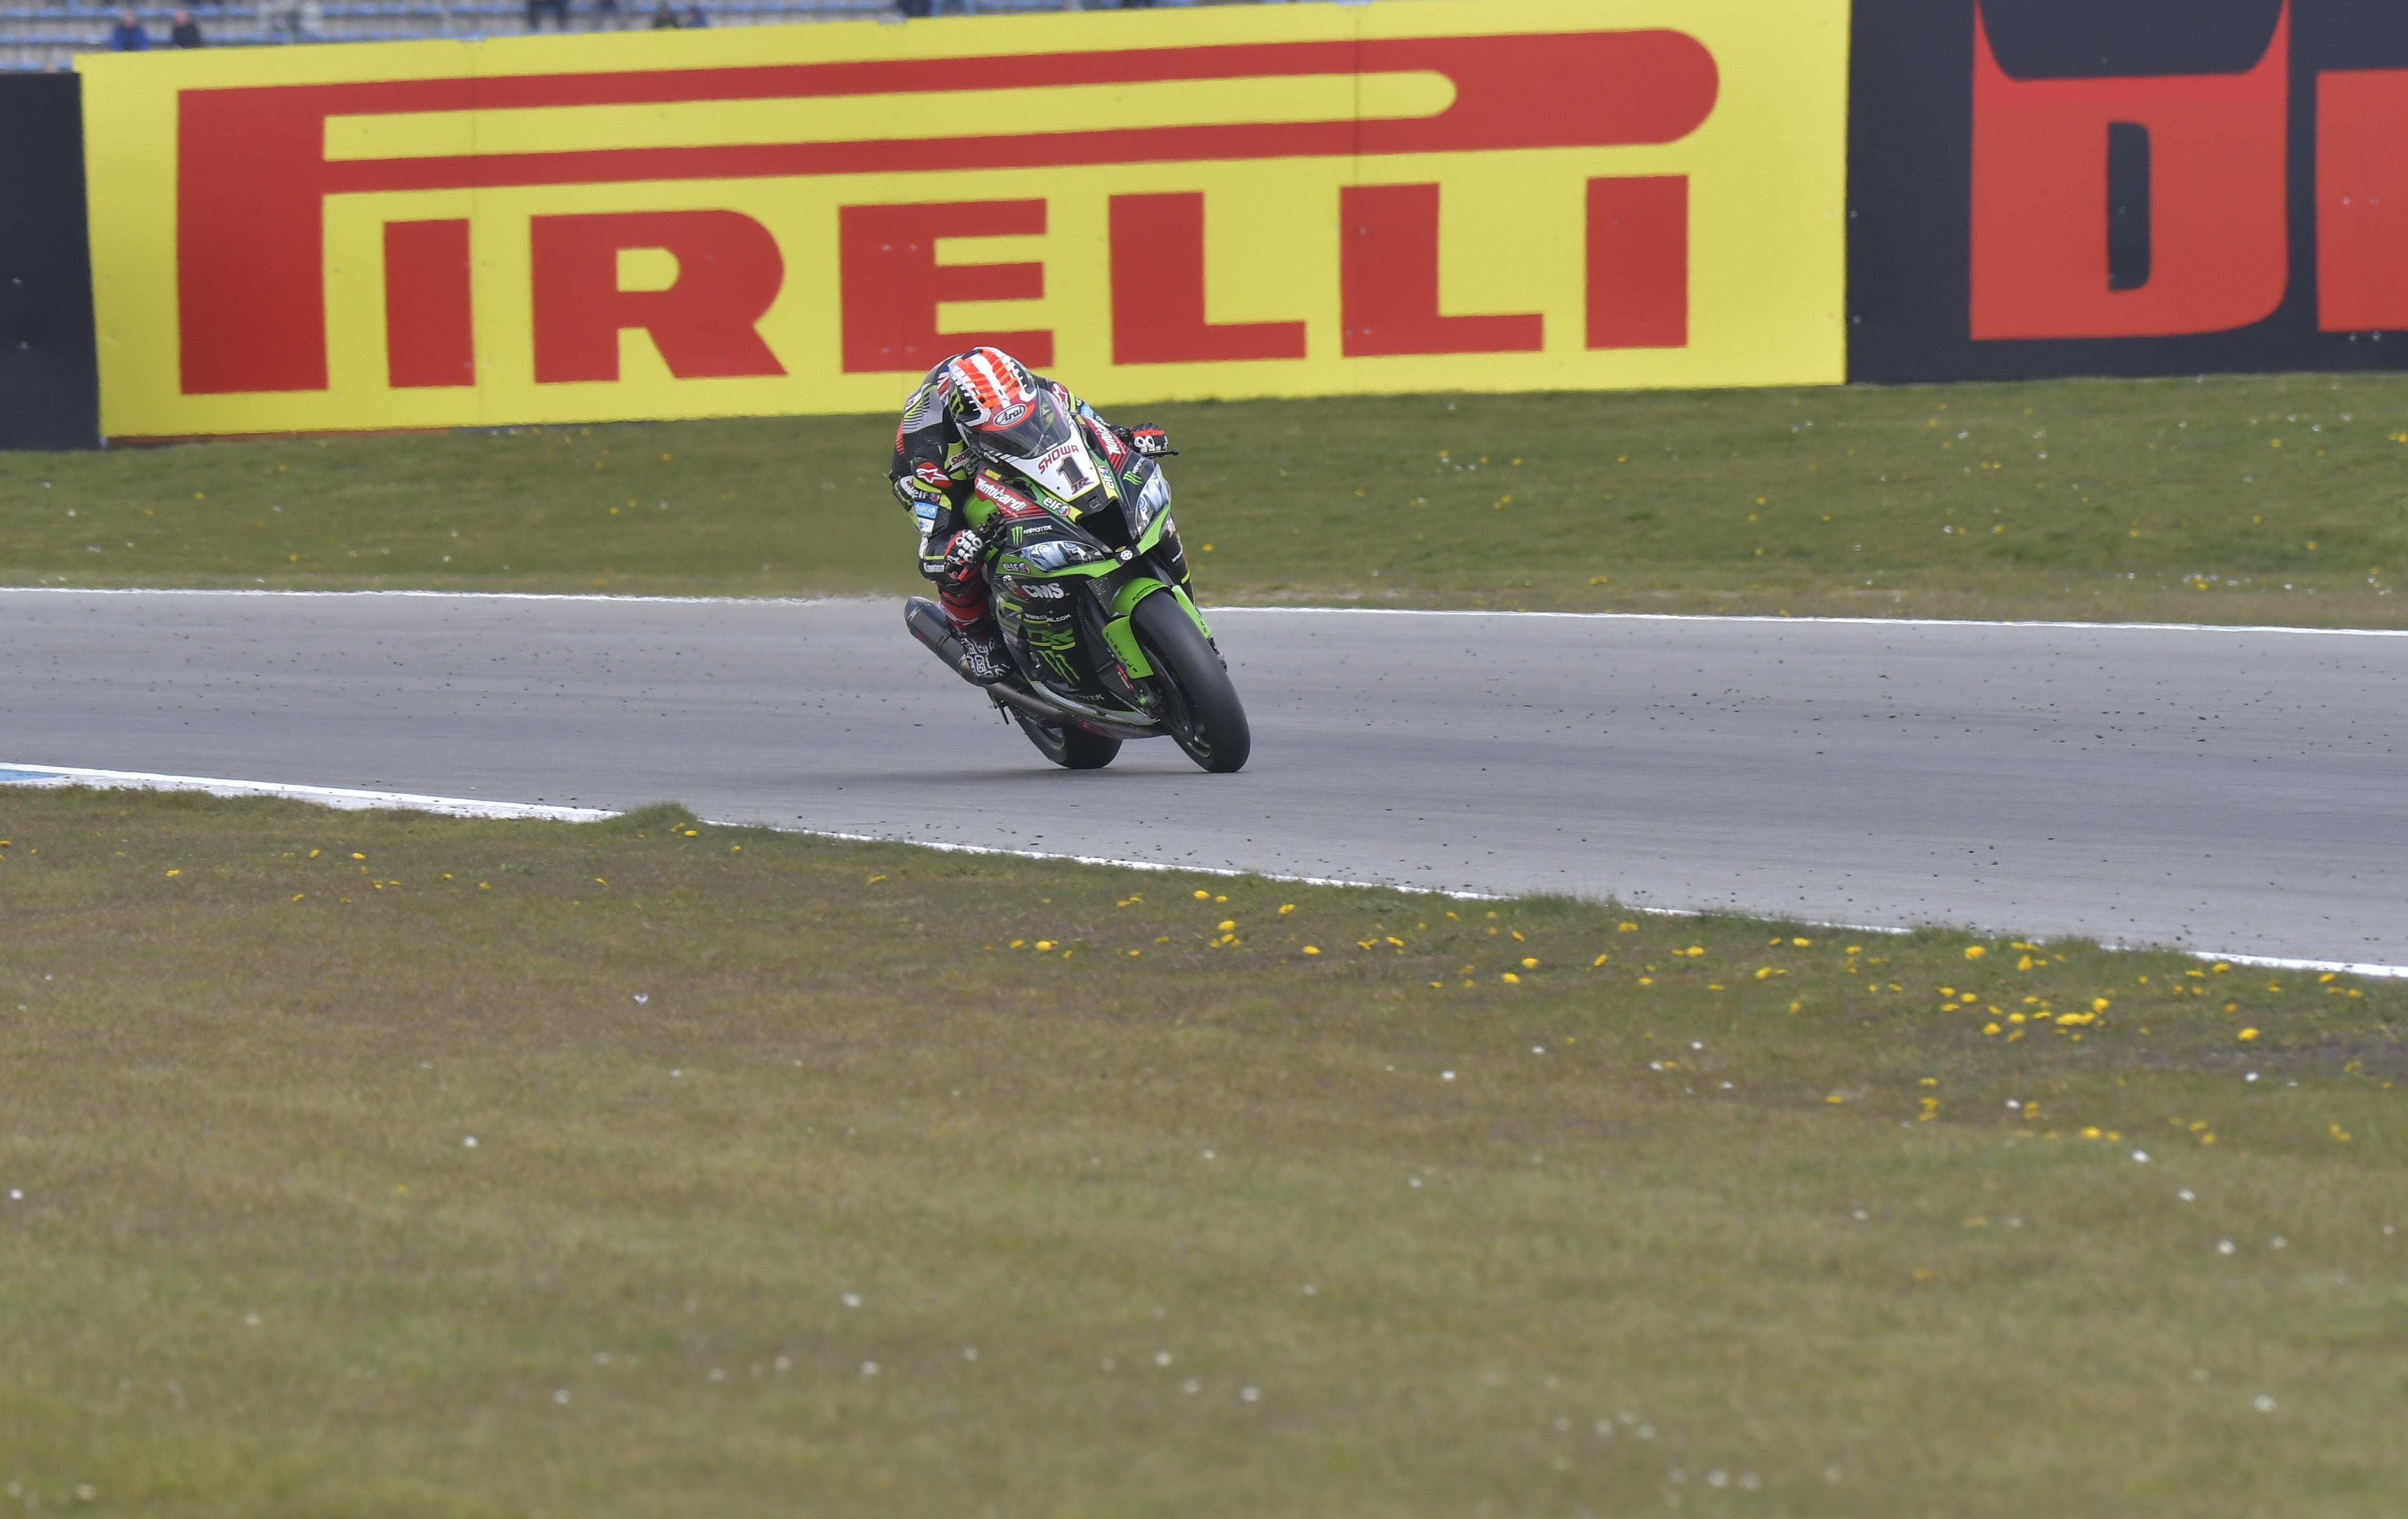 Continua anche ad Assen il dominio di Bautista e della Ducati nel Mondiale Superbike.